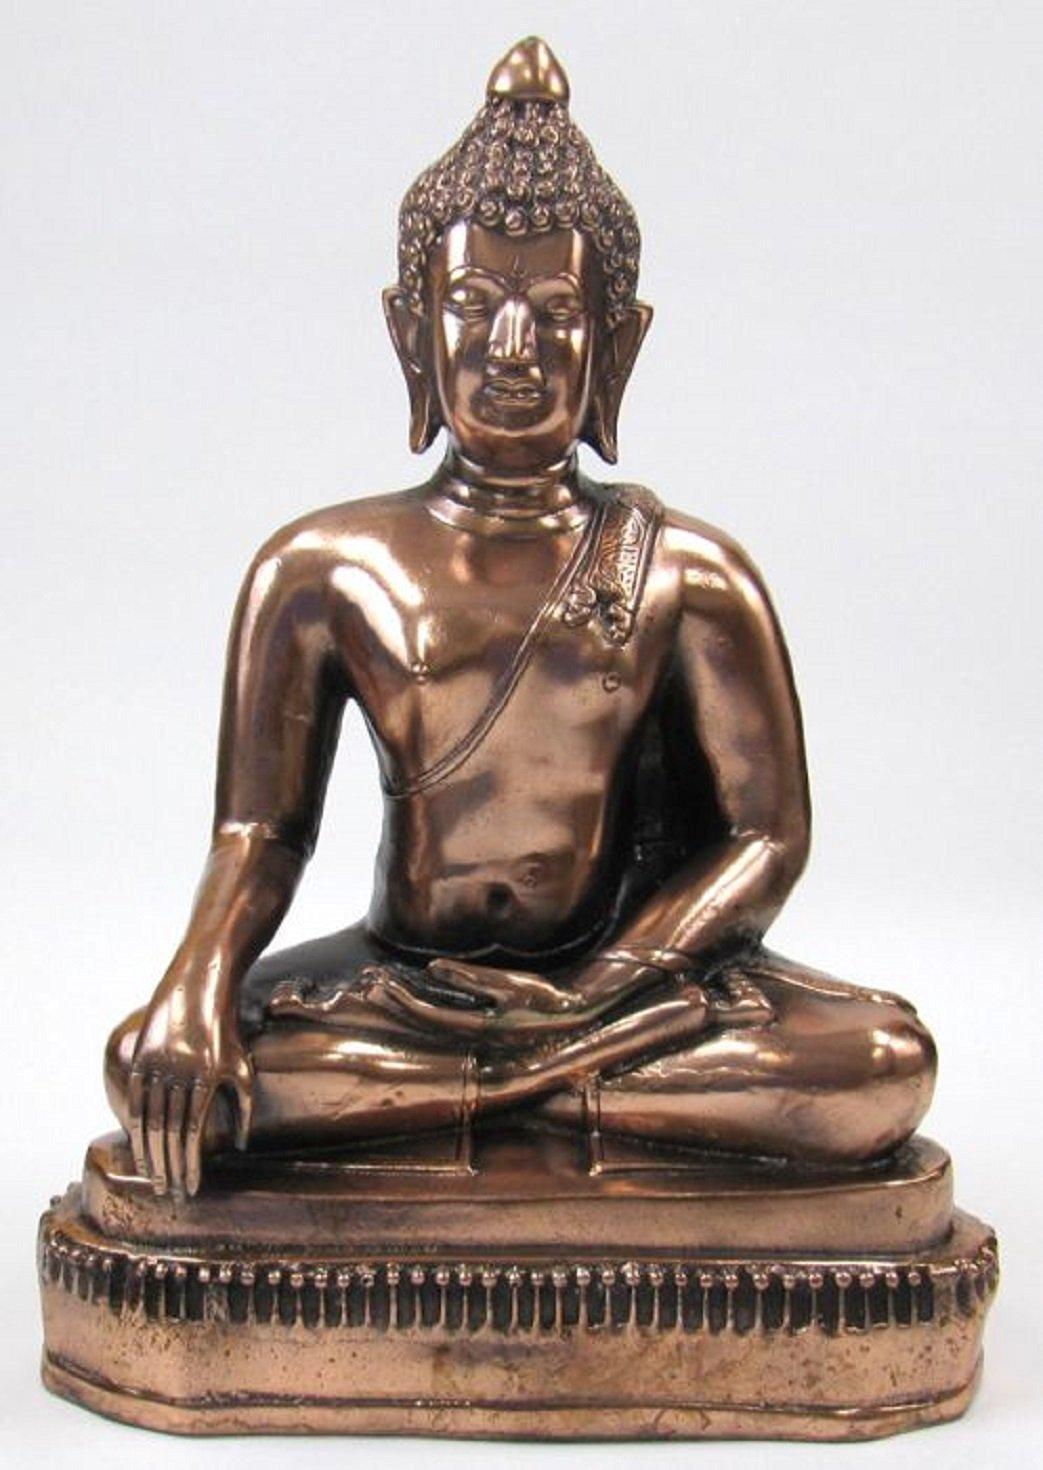 Natraj - Shiva - Statue, In Aluminum Copper Finish, 24 Inches Tall